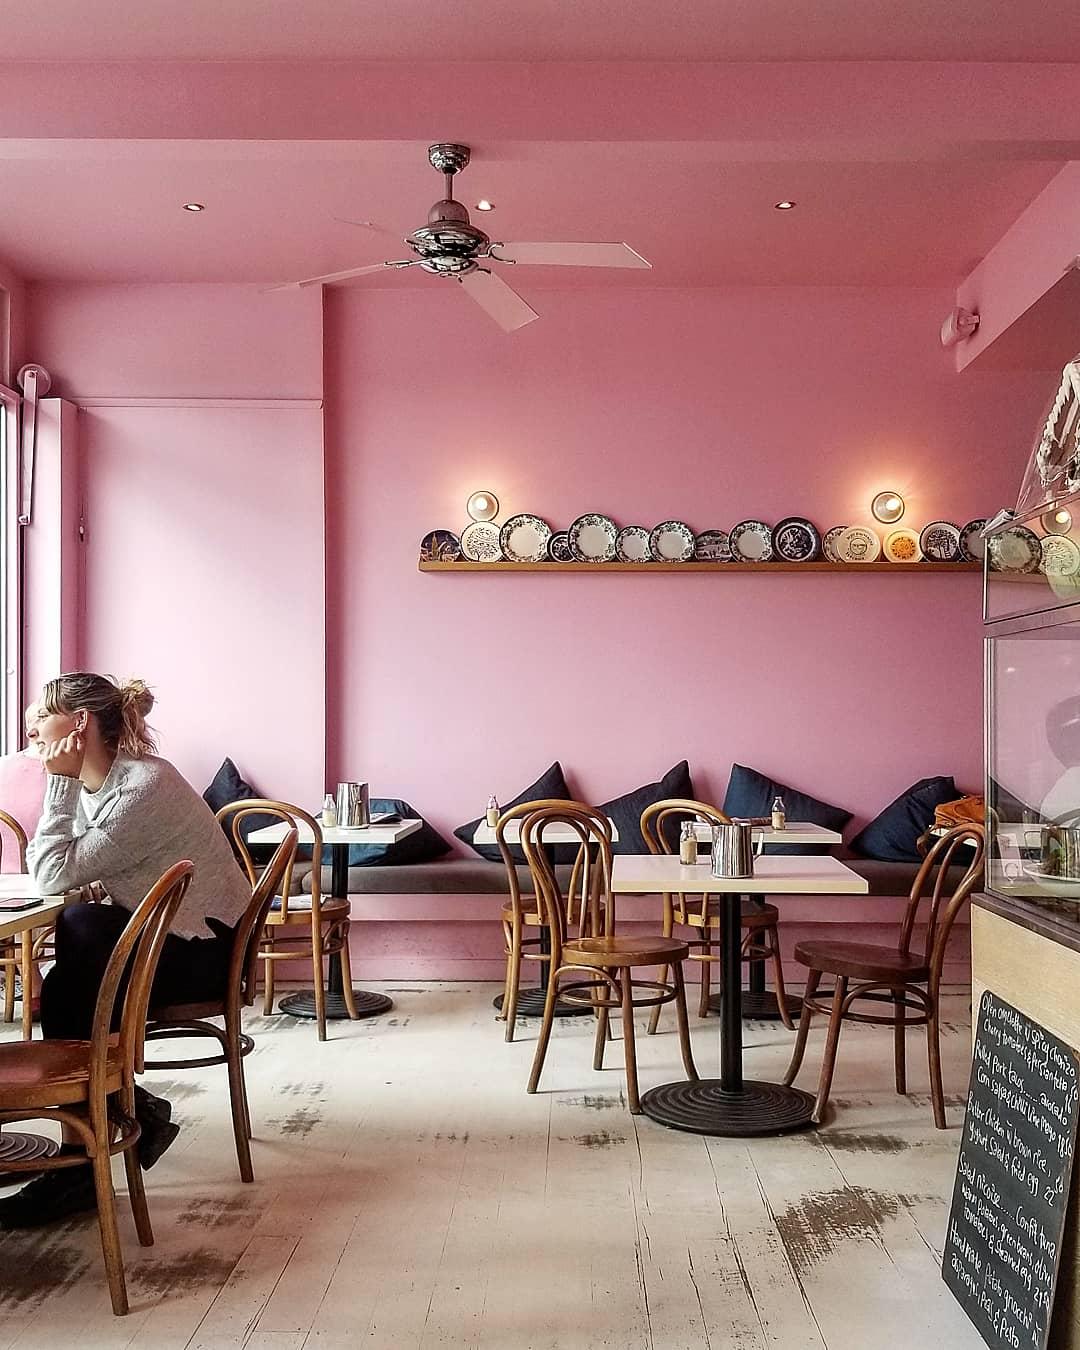 カフェとアートの街【メルボルン】で過ごす南半球~夏のクリスマス